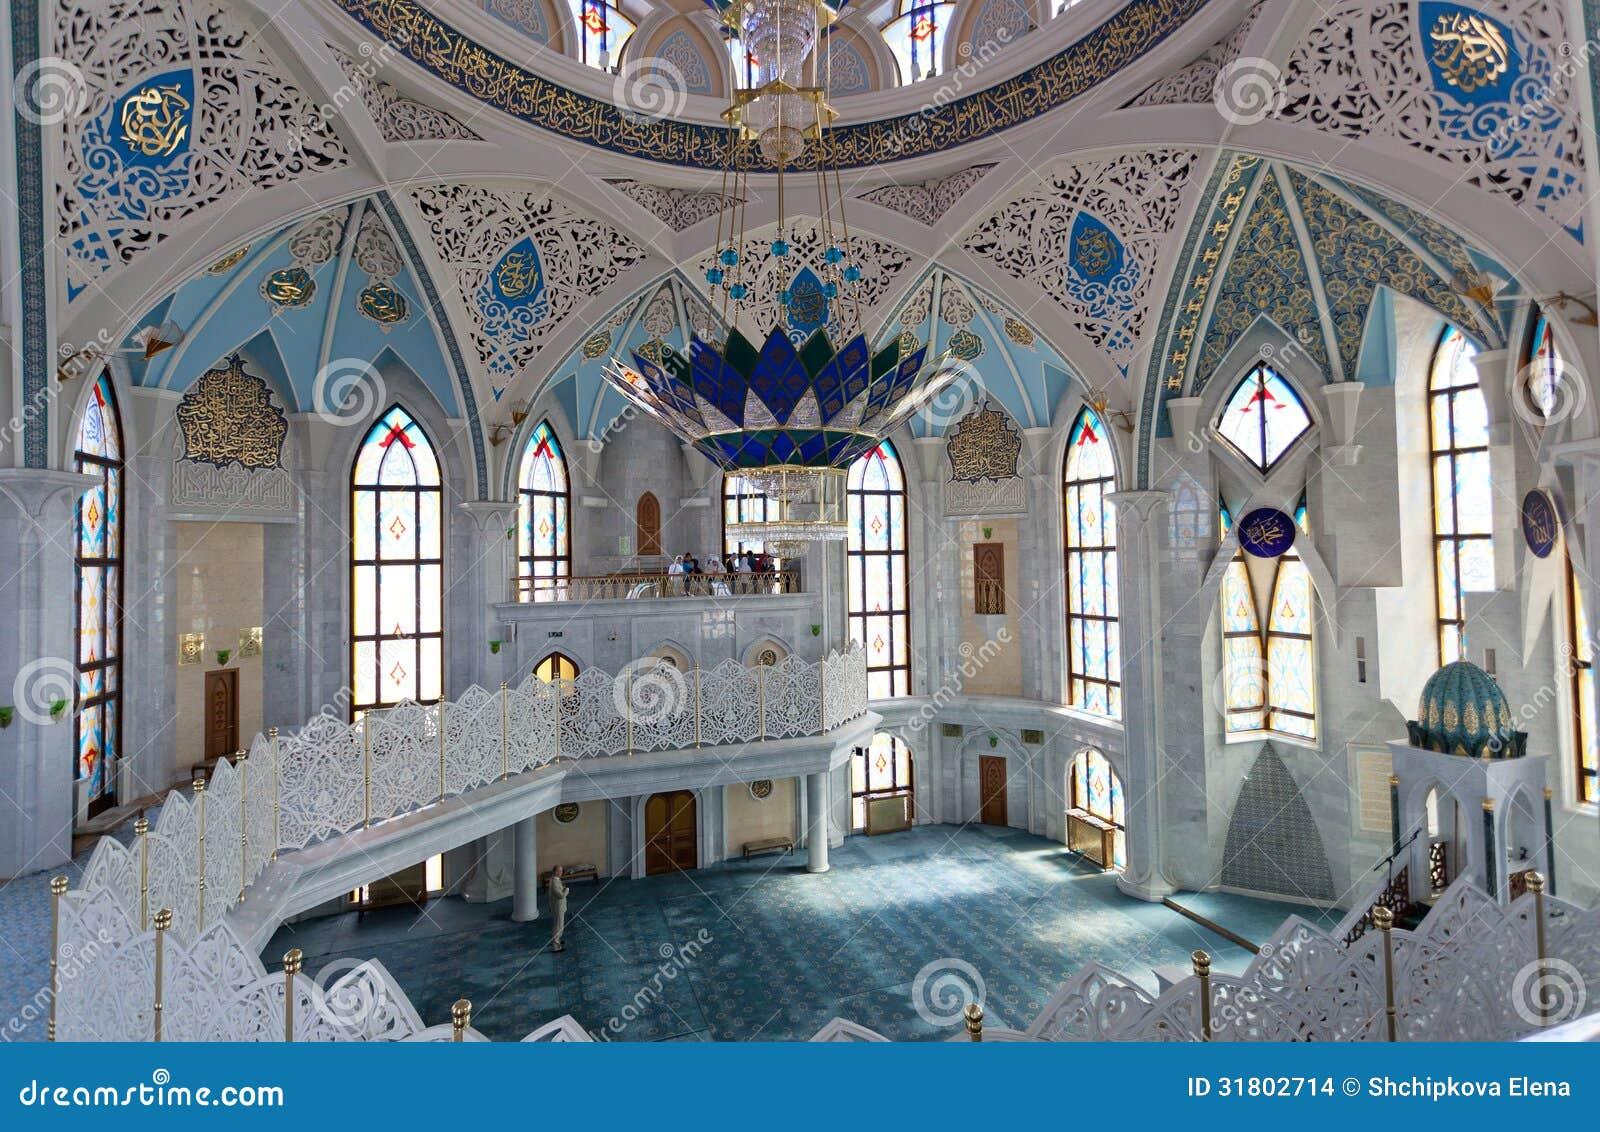 Внутренняя мечеть Qol Sharif в Казани